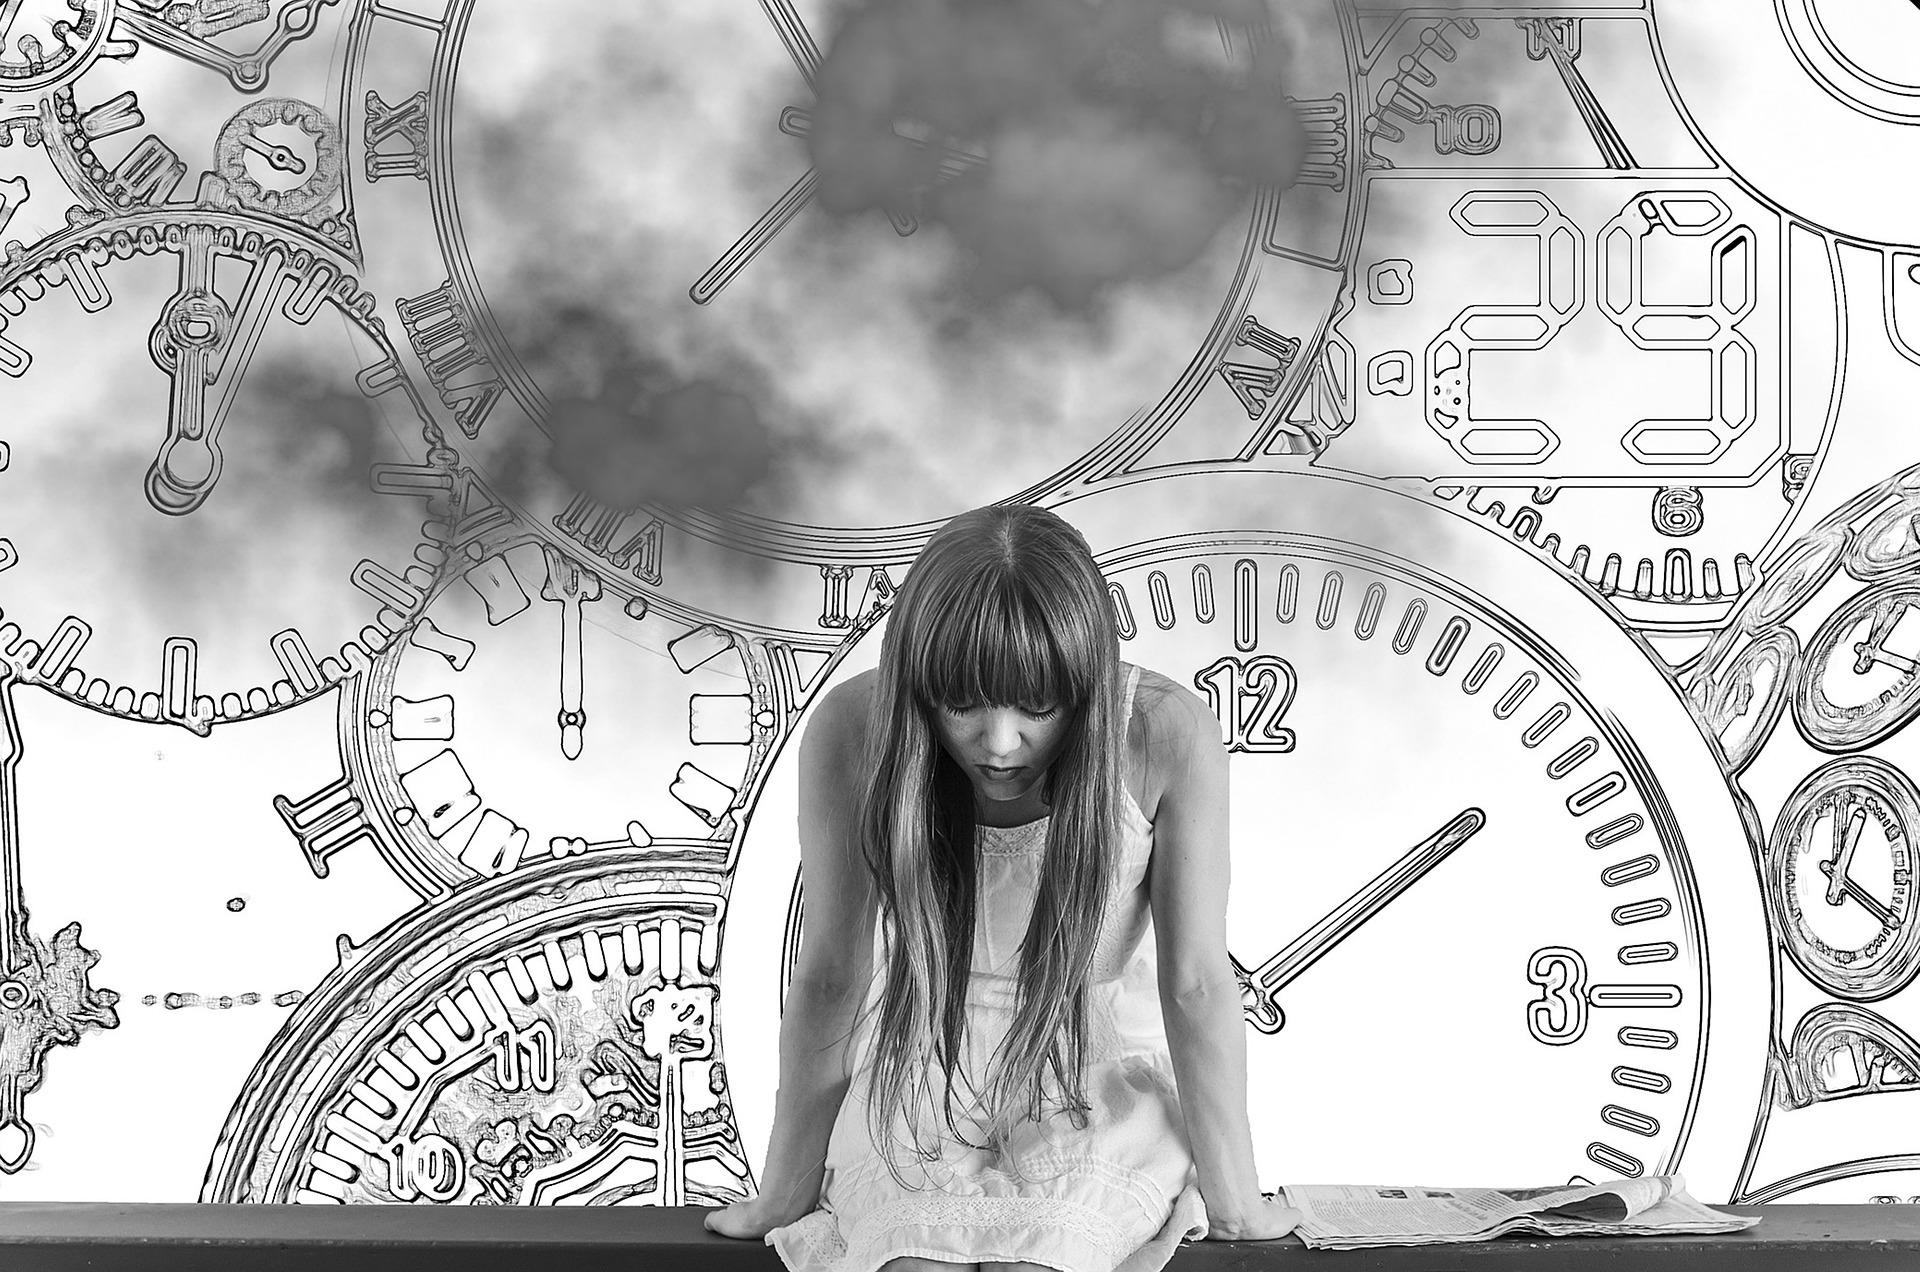 -ಮುಟ್ಟಿನ-Girl-sitting-face-down-clocks-in-the-background